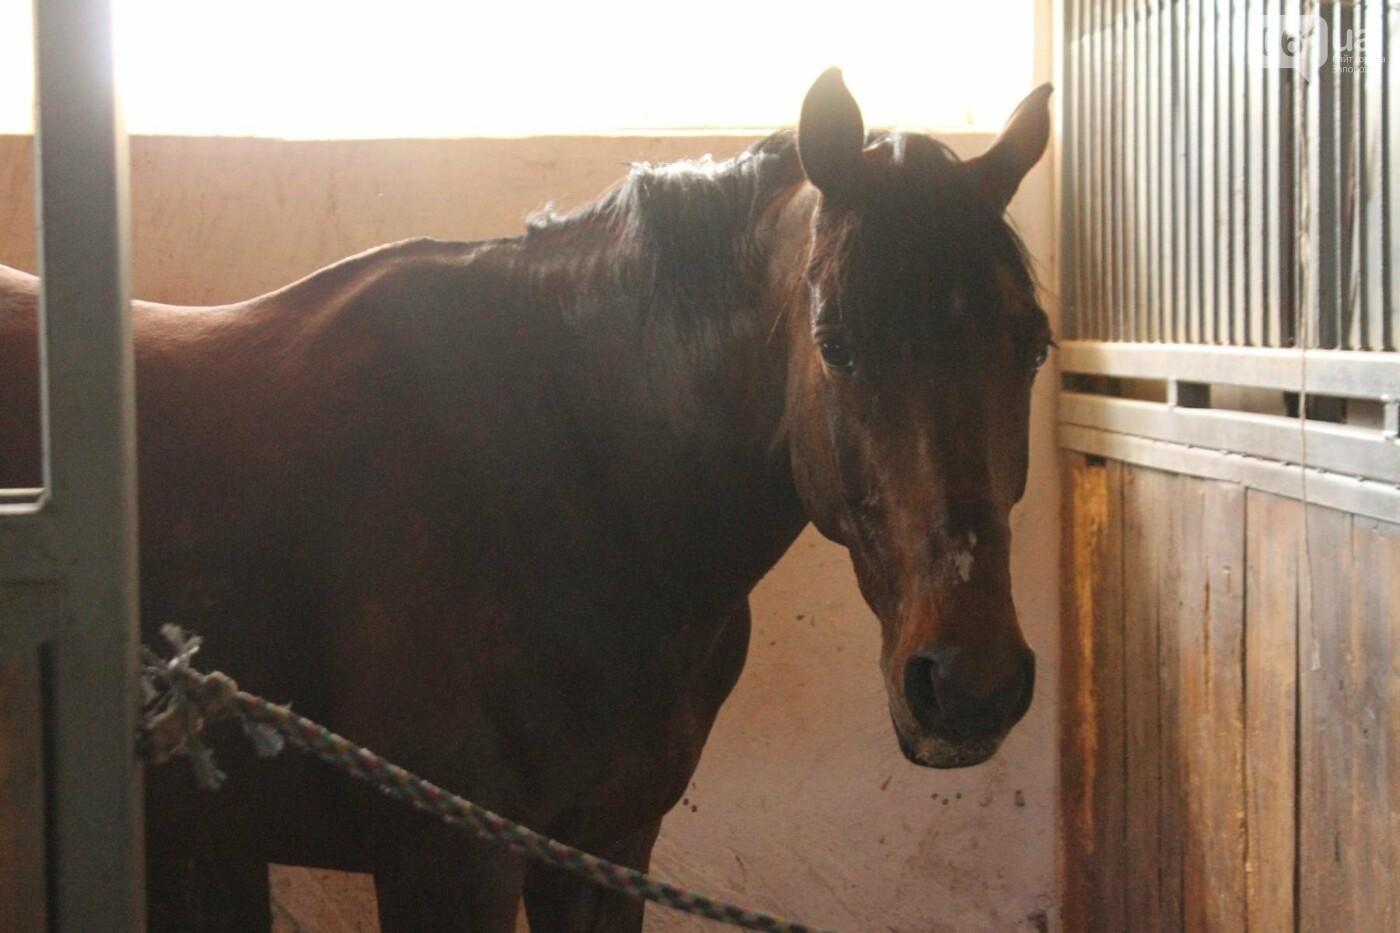 Незабываемое общение с лошадьми: экскурсия в конноспортивный клуб «Патриот», – ФОТОРЕПОРТАЖ, фото-5